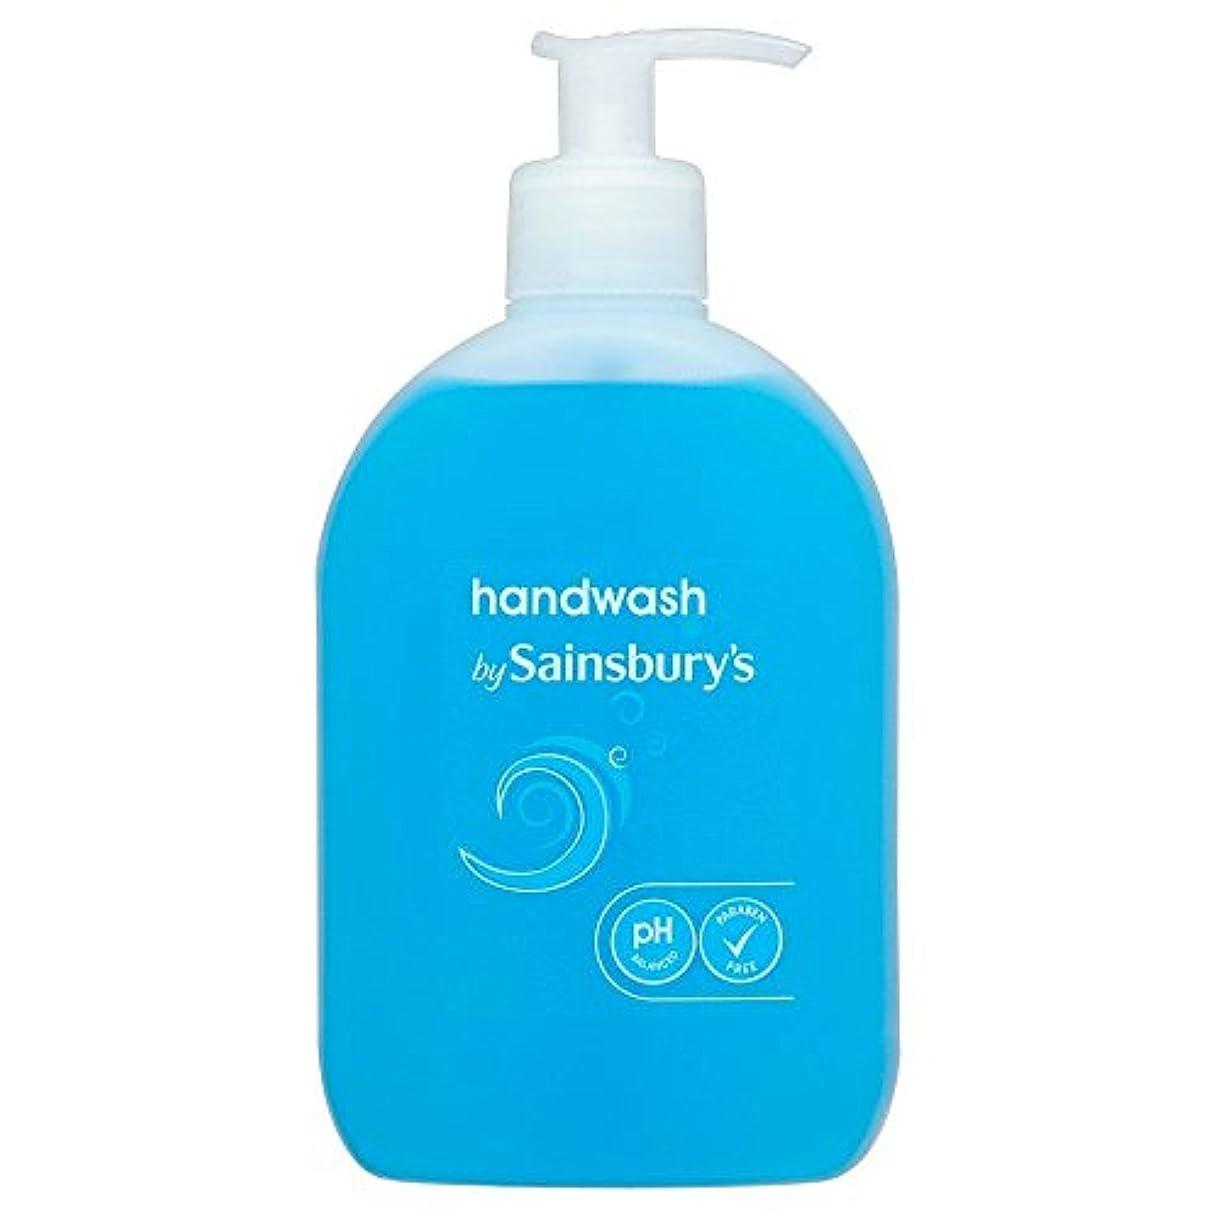 義務づける将来の散逸Sainsbury's Handwash, Blue 500ml - (Sainsbury's) 手洗い、青500ミリリットル [並行輸入品]